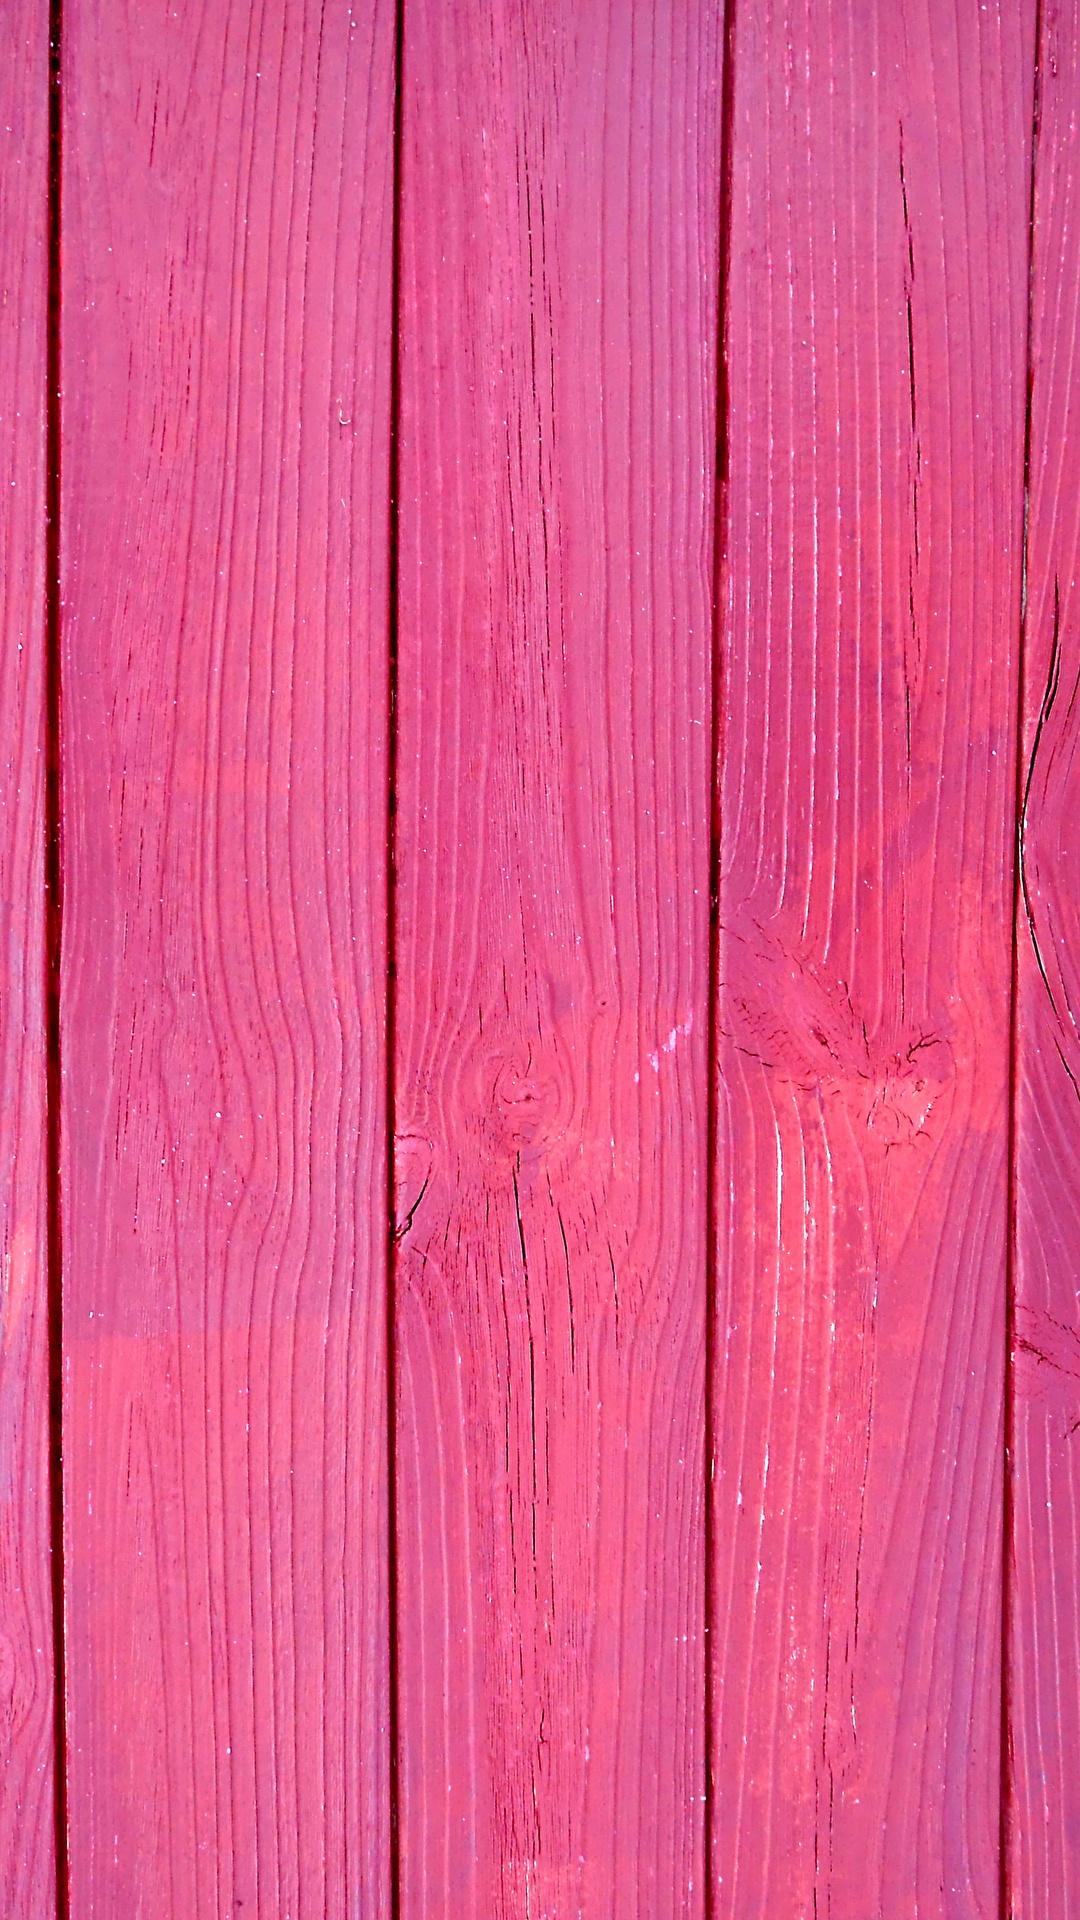 Фотография Текстура розовые Доски 1080x1920 для мобильного телефона розовых Розовый розовая